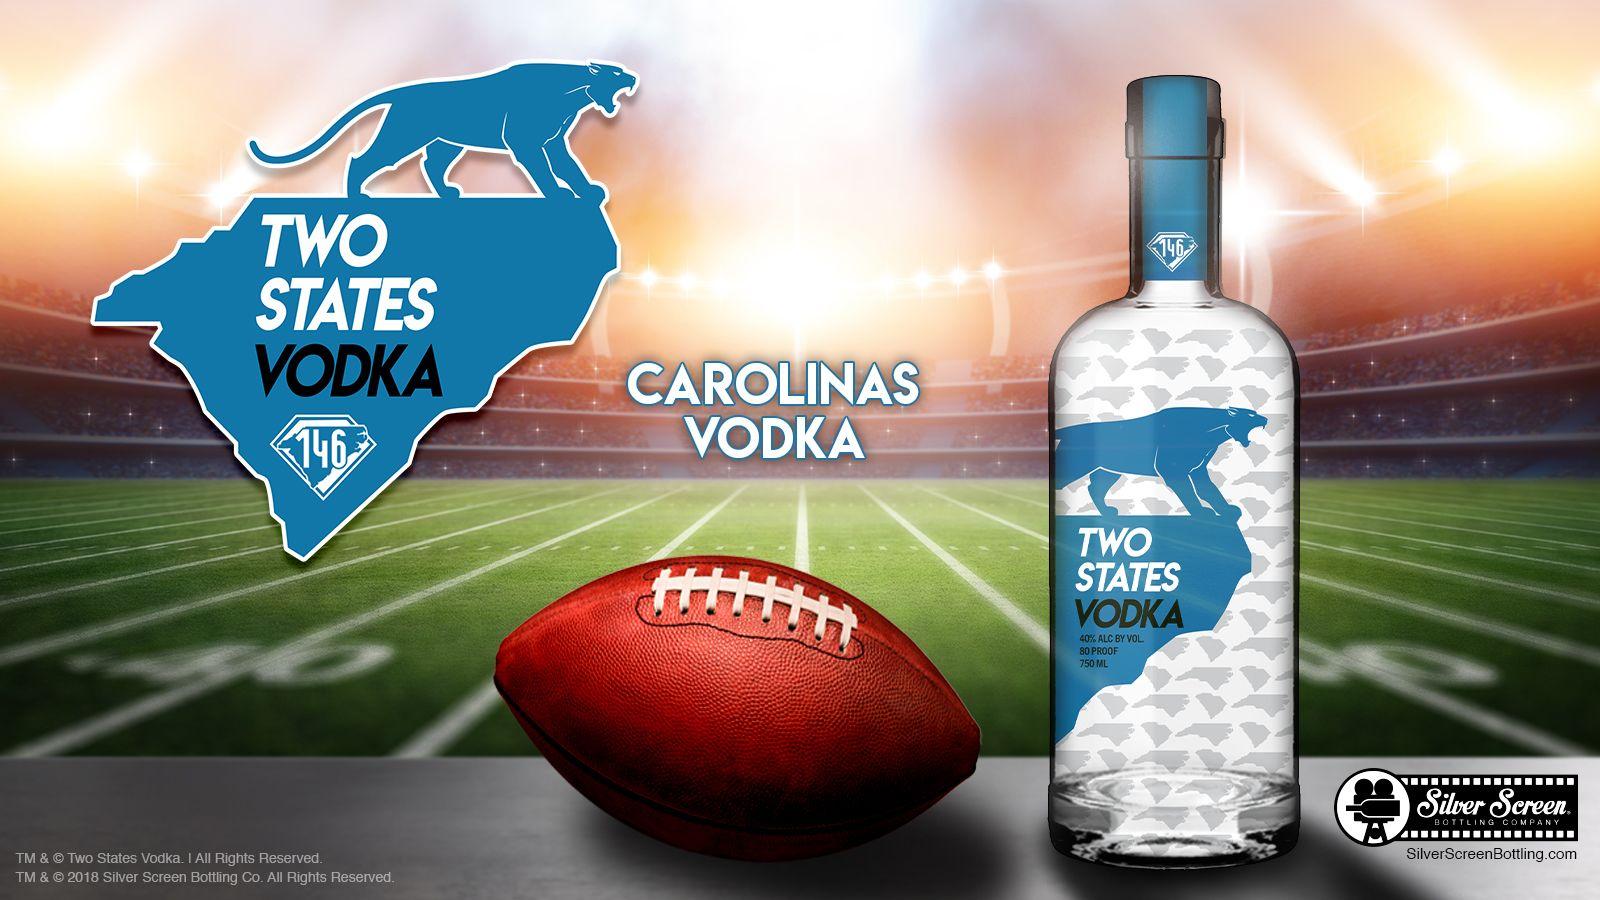 Two States Vodka